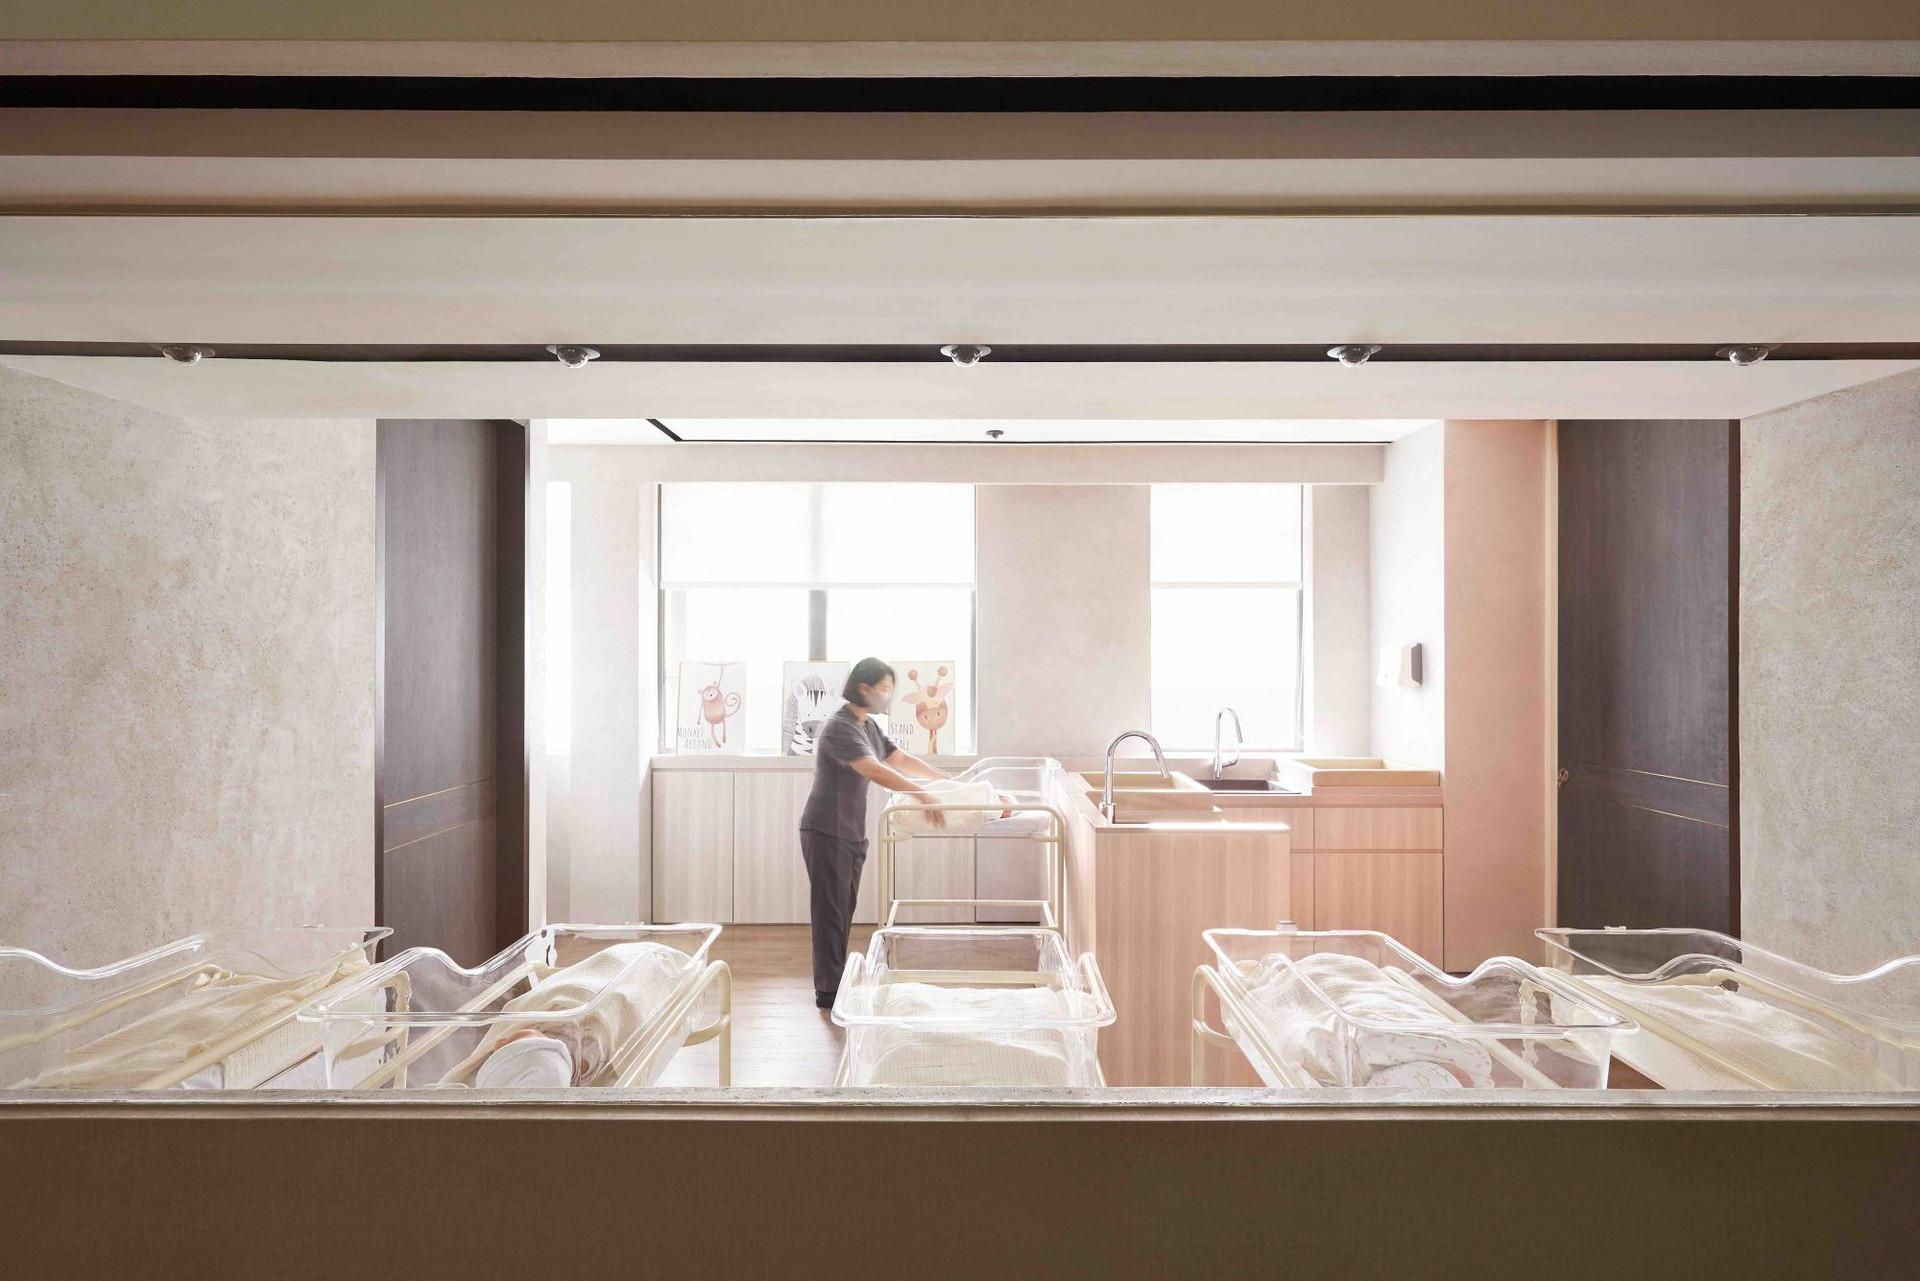 Khám phá khách sạn sang trọng bậc nhất dành riêng cho trẻ sơ sinh - 6